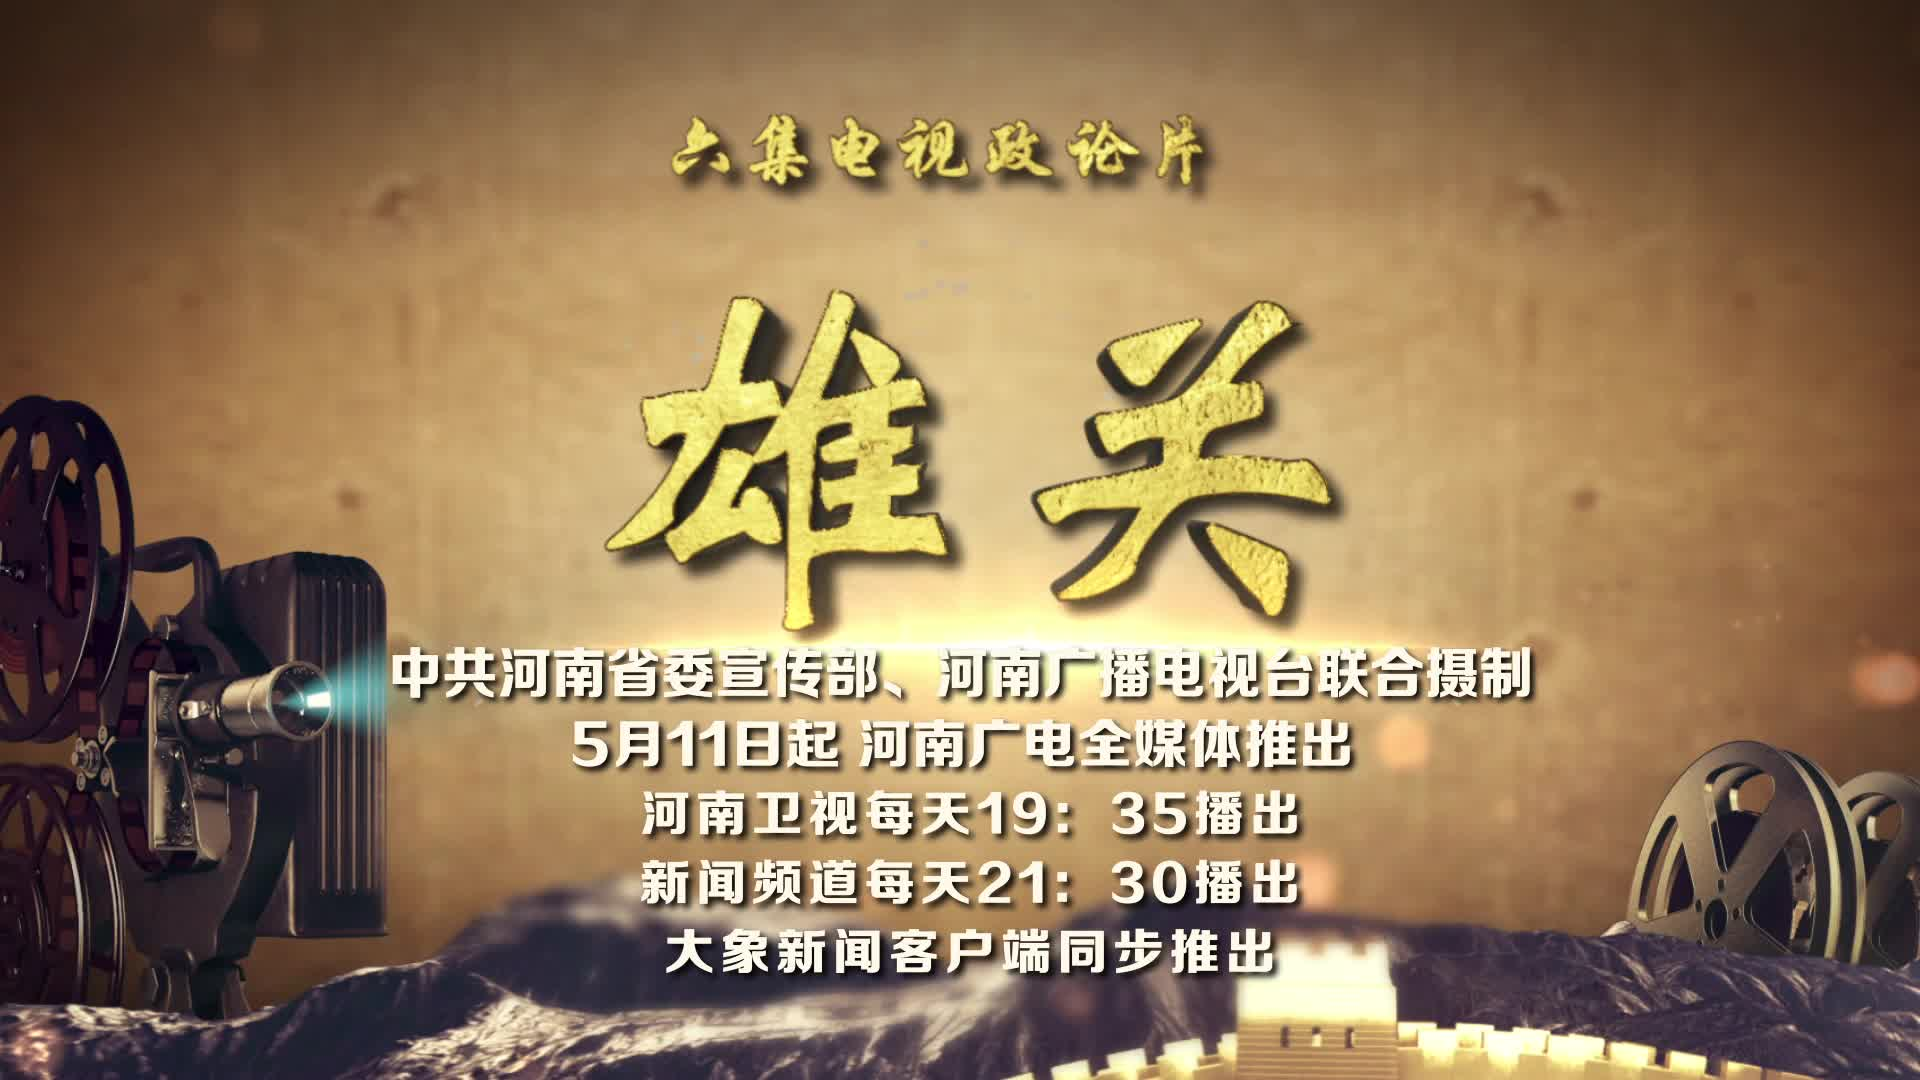 全景展现河南抗疫壮阔画卷 六集电视政论片《雄关》来啦!